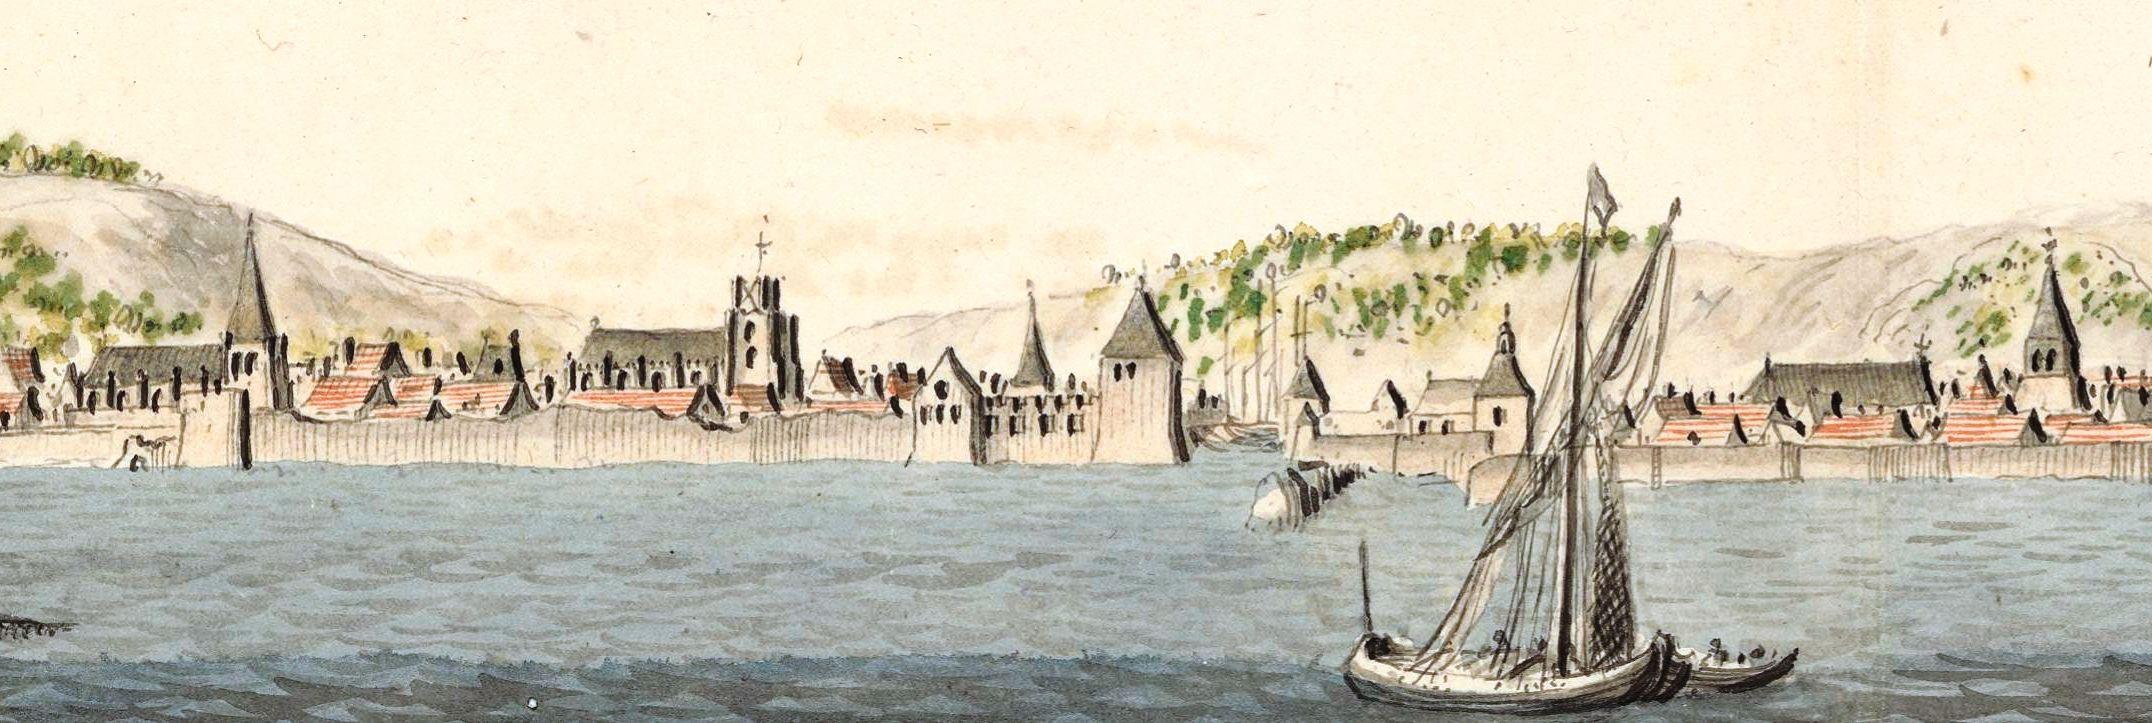 Vintage sketch of Honfleur